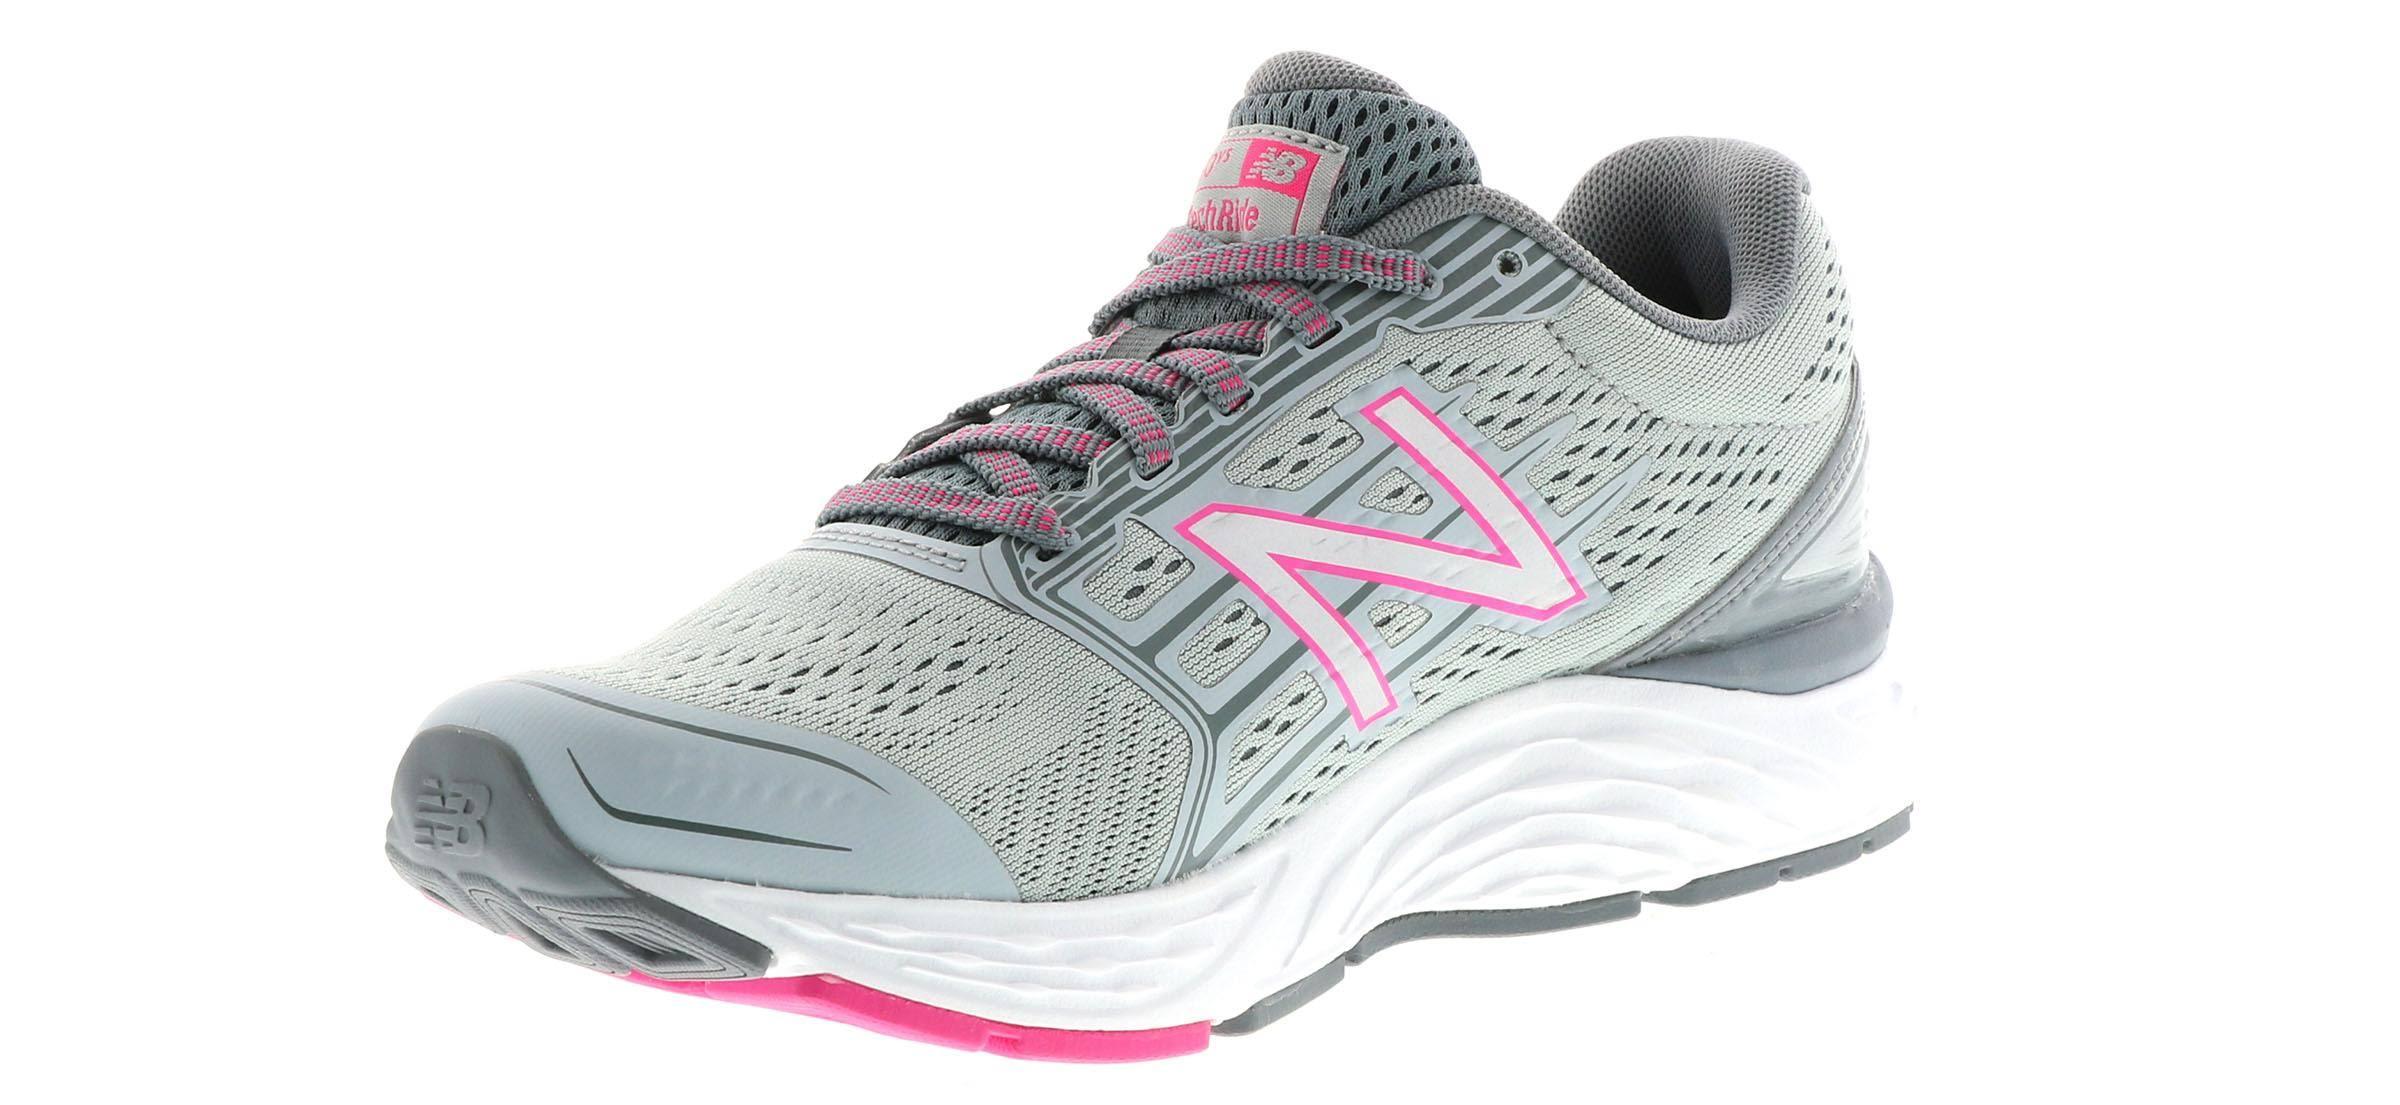 Visón 6 Zapatillas Balance New Running D Para Rosa Mujer W680lg5 De Plateado vrqSnIq0